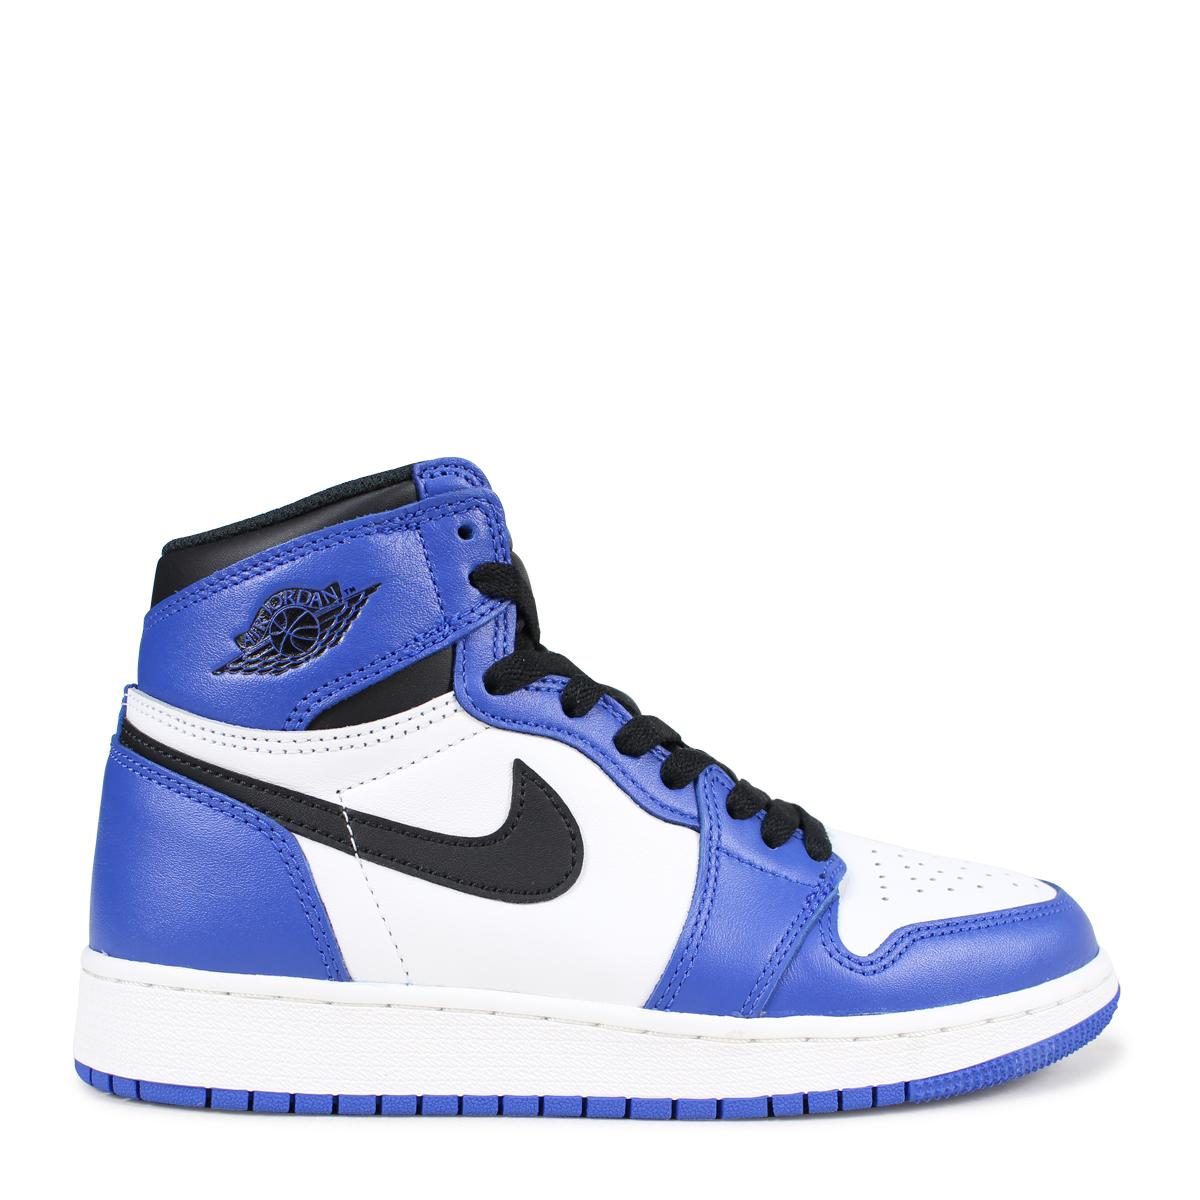 281e20540b7 ... NIKE AIR JORDAN 1 RETRO HIGH OG BG GAME ROYAL Nike Air Jordan 1  nostalgic Haile ...